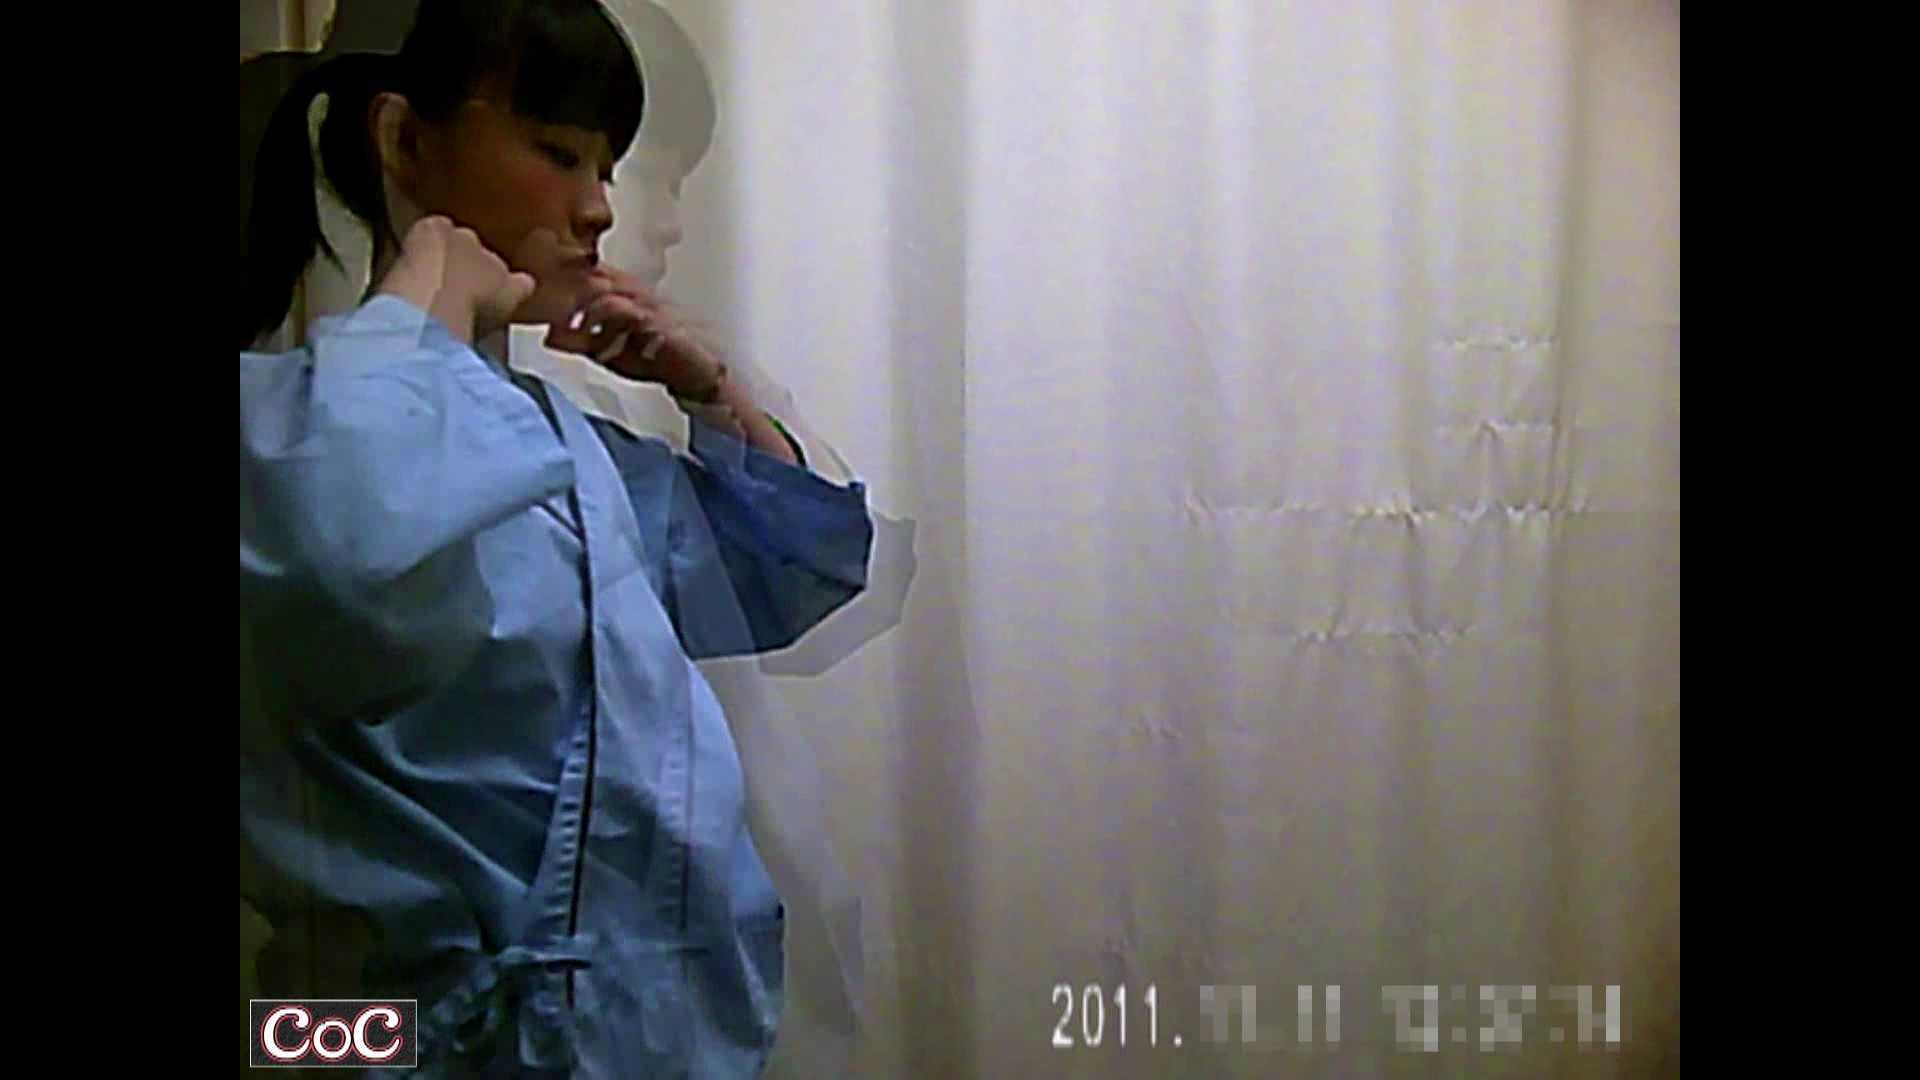 病院おもいっきり着替え! vol.87 OLエロ画像 盗み撮りSEX無修正画像 107PICs 9